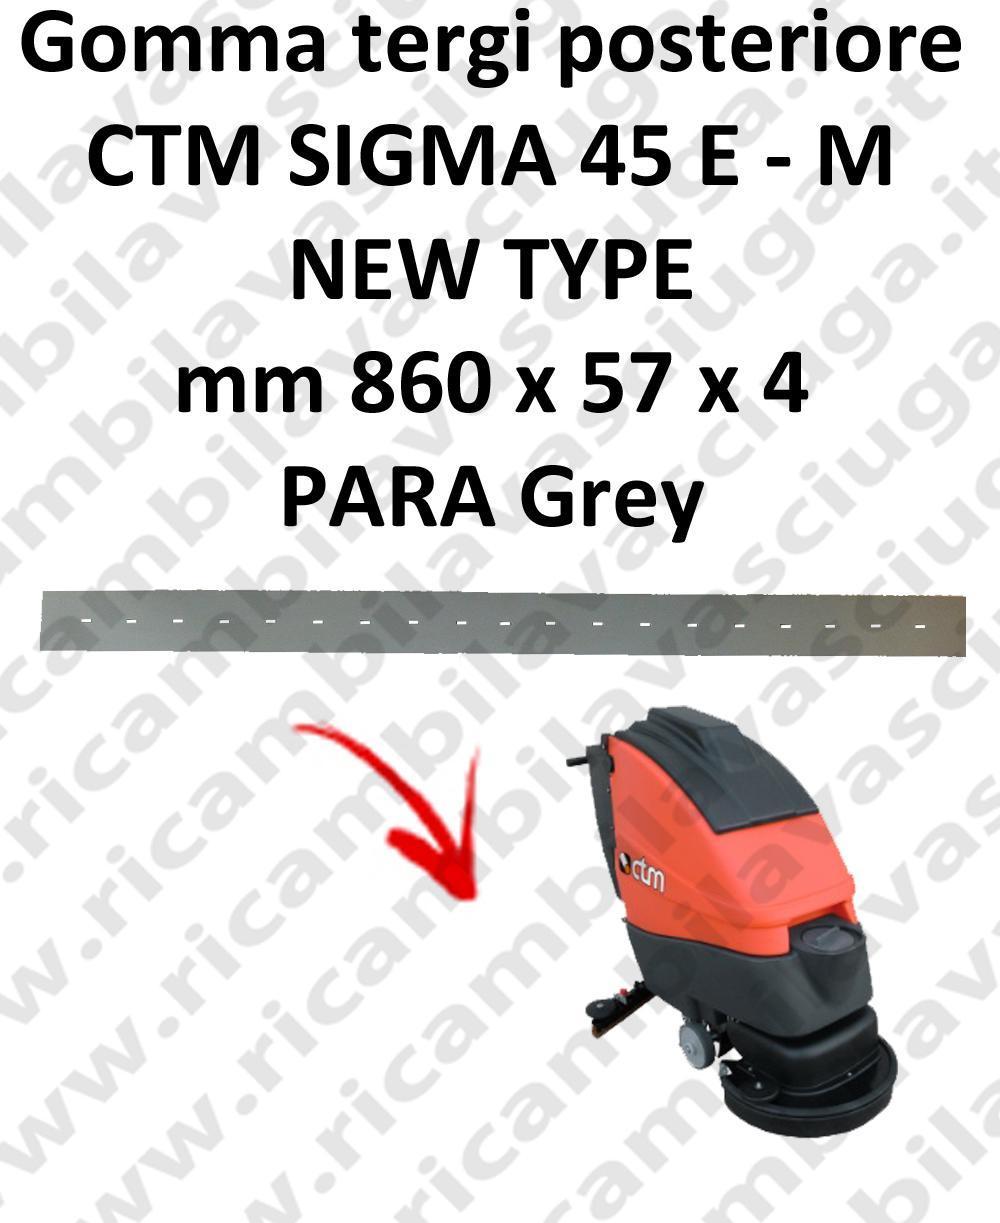 SIGMA 45 ünd - M New Type Hinten sauglippen für scheuersaugmaschinen CTM